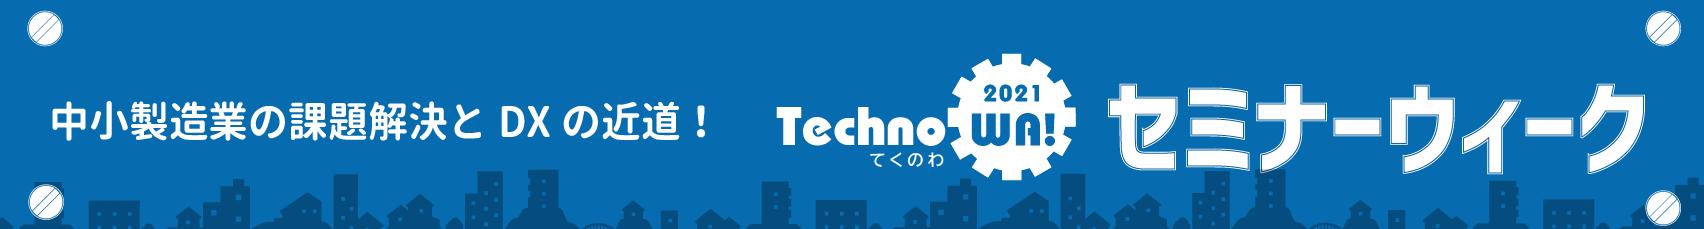 TechnoWA!12021セミナーウィーク